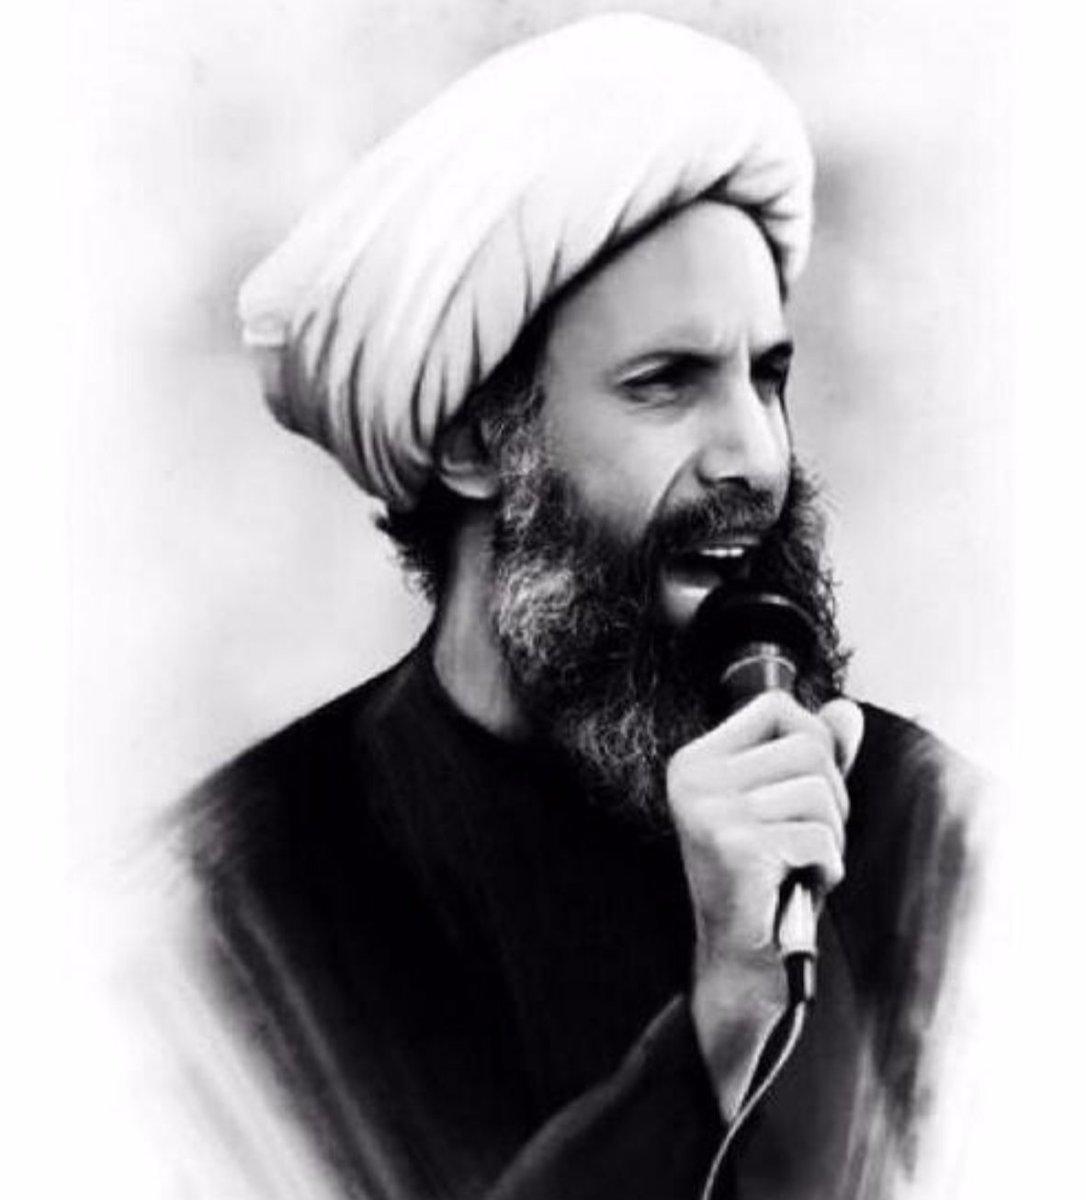 #الشهيد_النمر : الإمام الحسين لم يقل: تعالوا أصحابي بل قال: أولاً أهل البيت ،هذه أخلاقيات  #NimrDignity https://t.co/P3LNf9XV1W